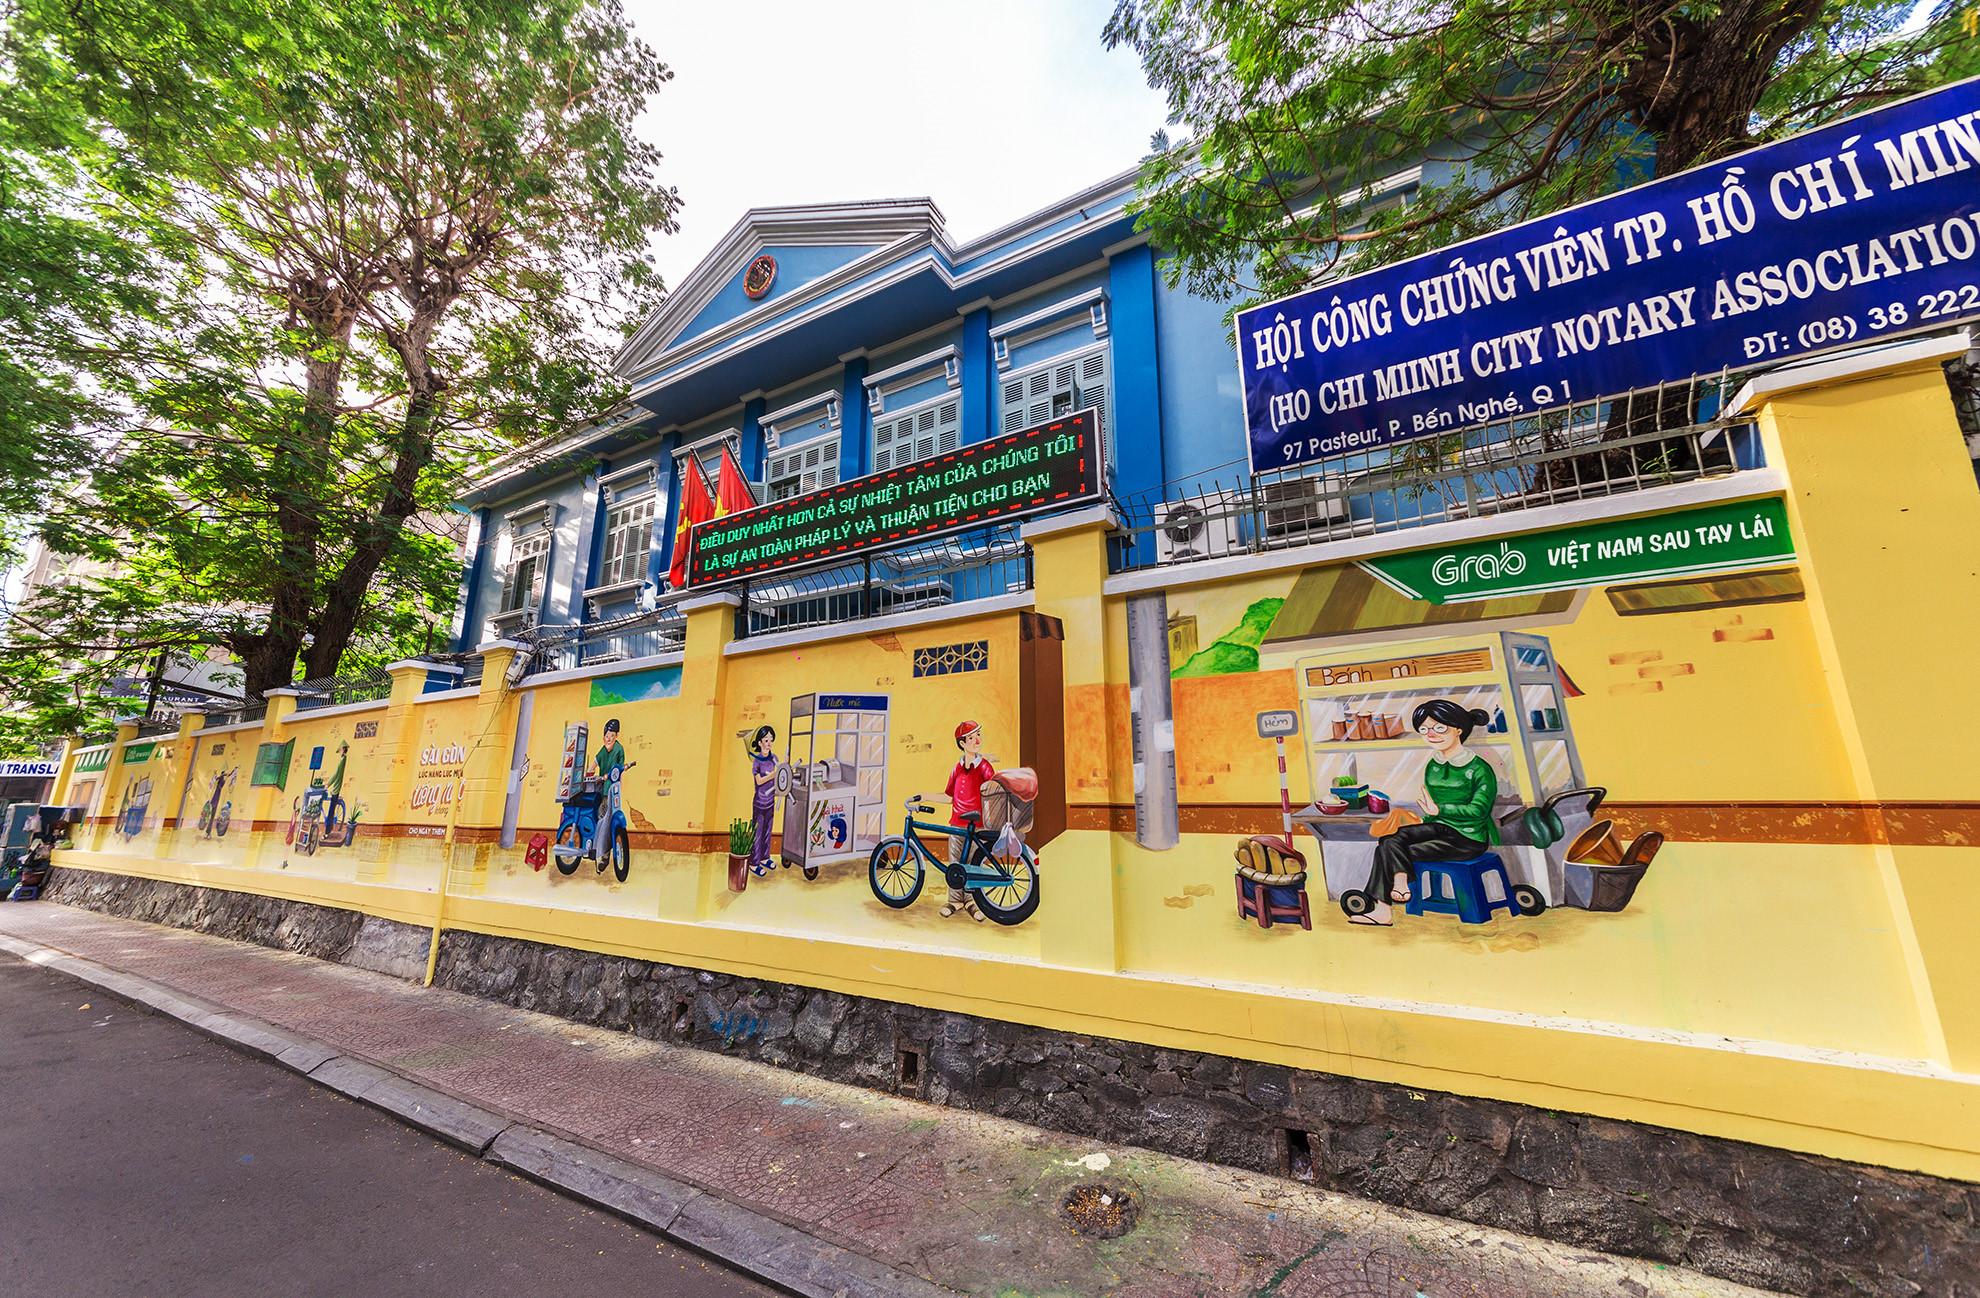 Cầu bộ hành Sài Gòn được phủ xanh, thu hút nhiều bạn trẻ Ảnh 9